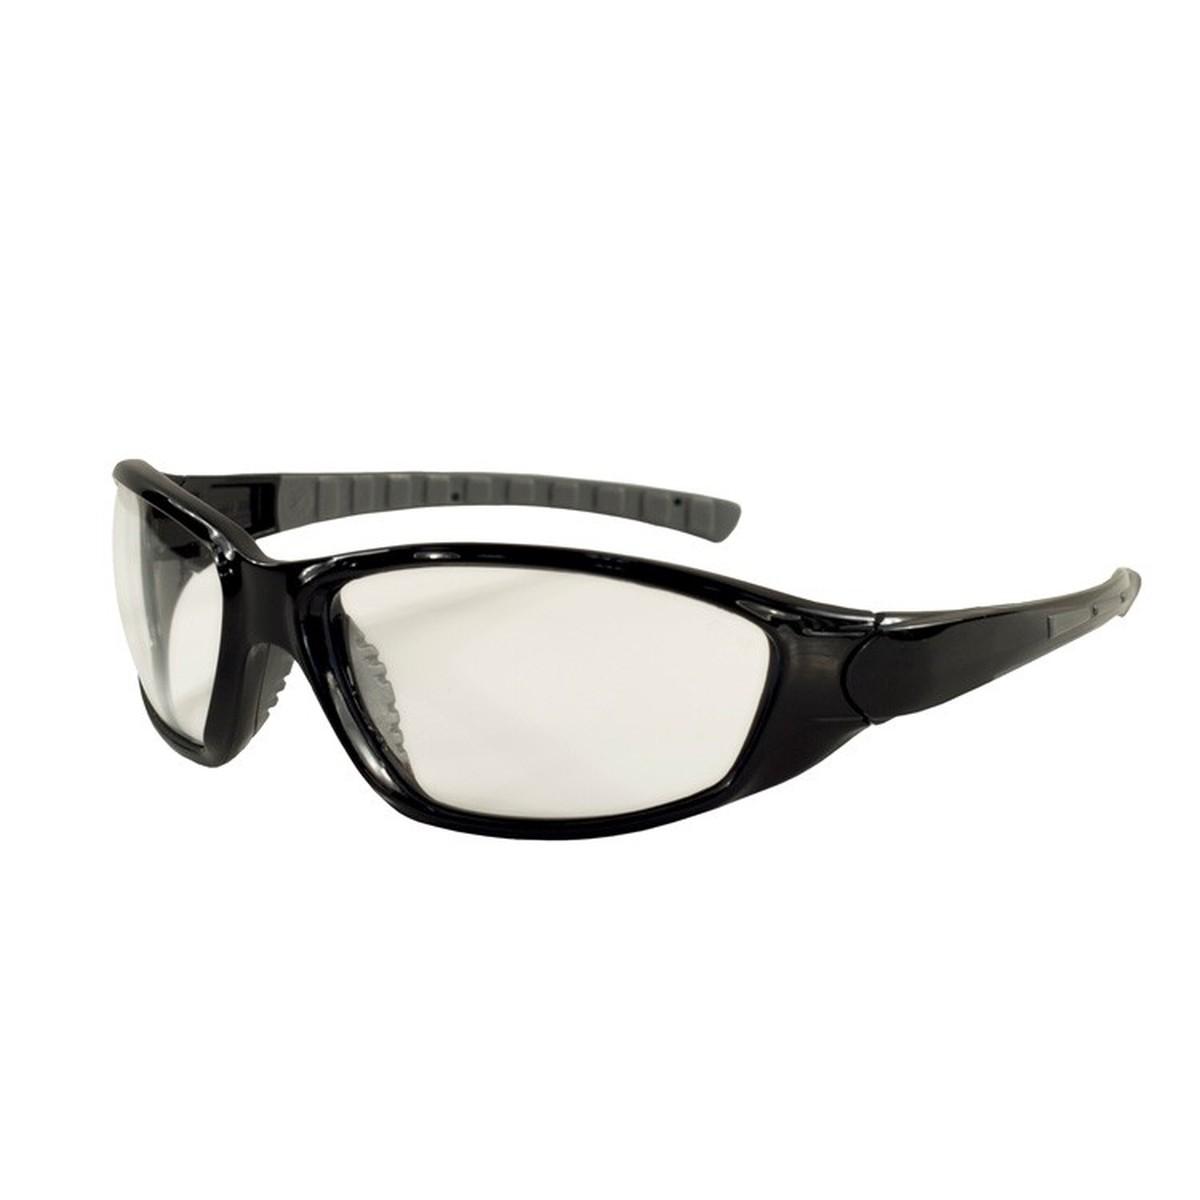 Buy Ammo Black frame,No Foam,AF lens Safety Glasses - ERB SAFETY ...